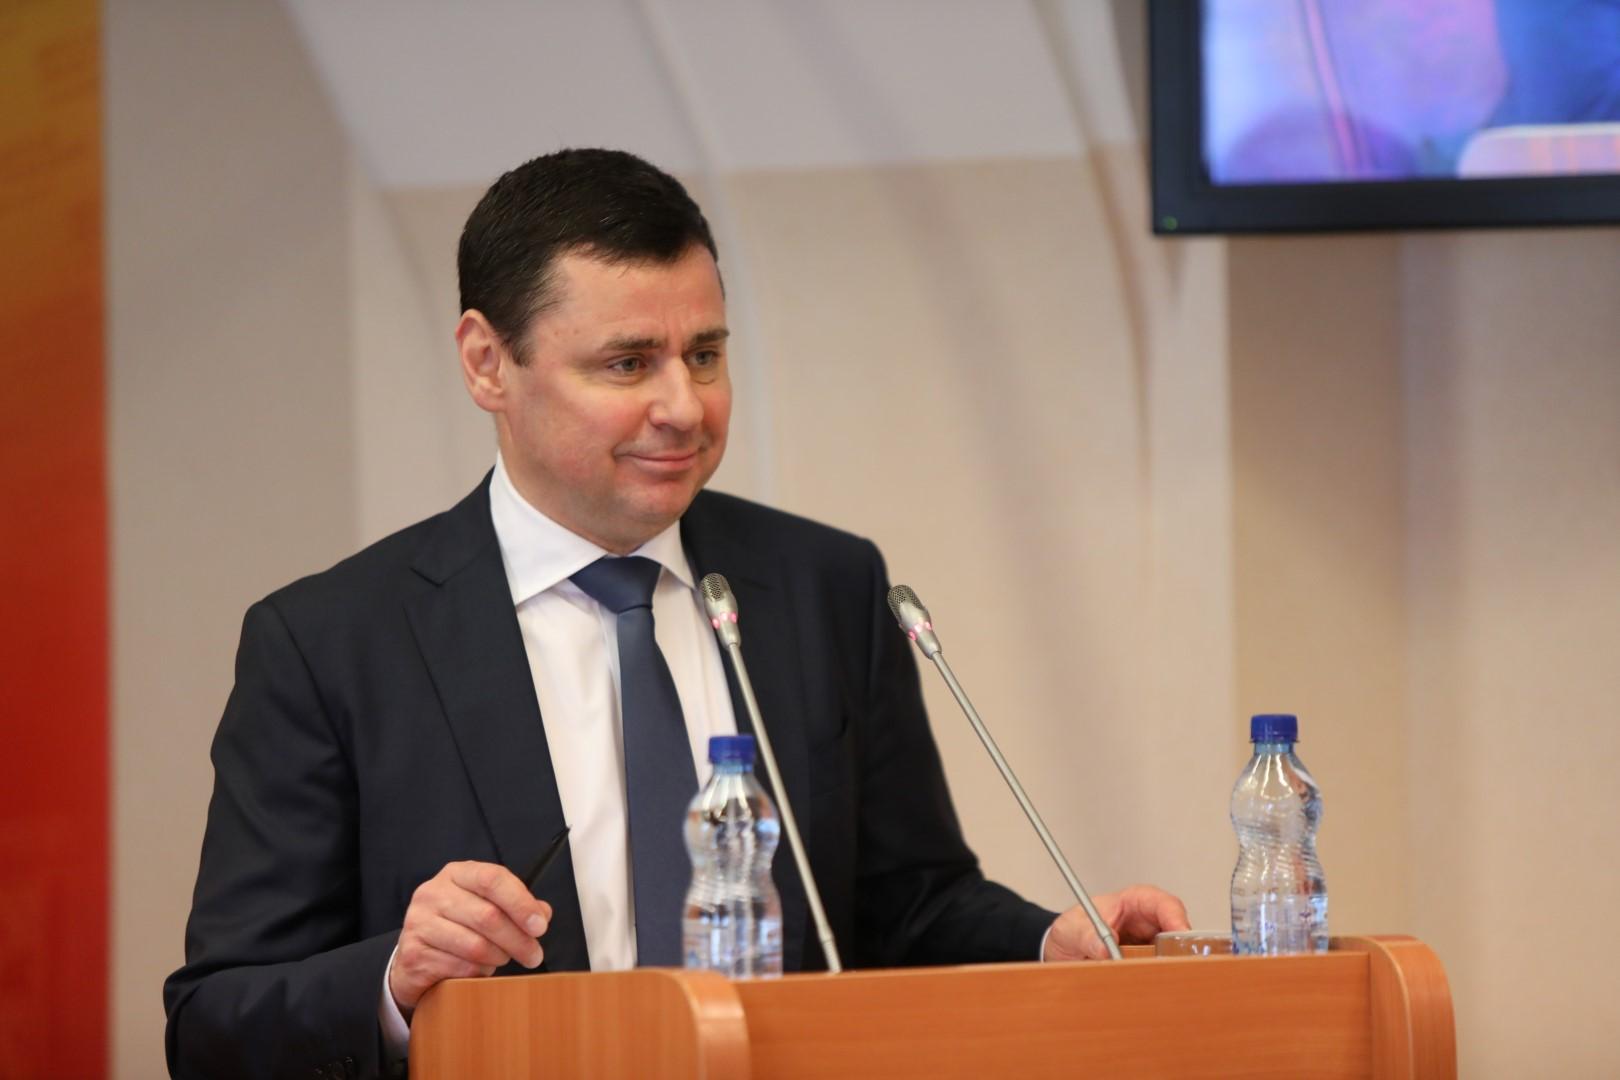 Дмитрий Миронов призвал депутатов всех партий подключиться к решению задач, обозначенных Президентом РФ